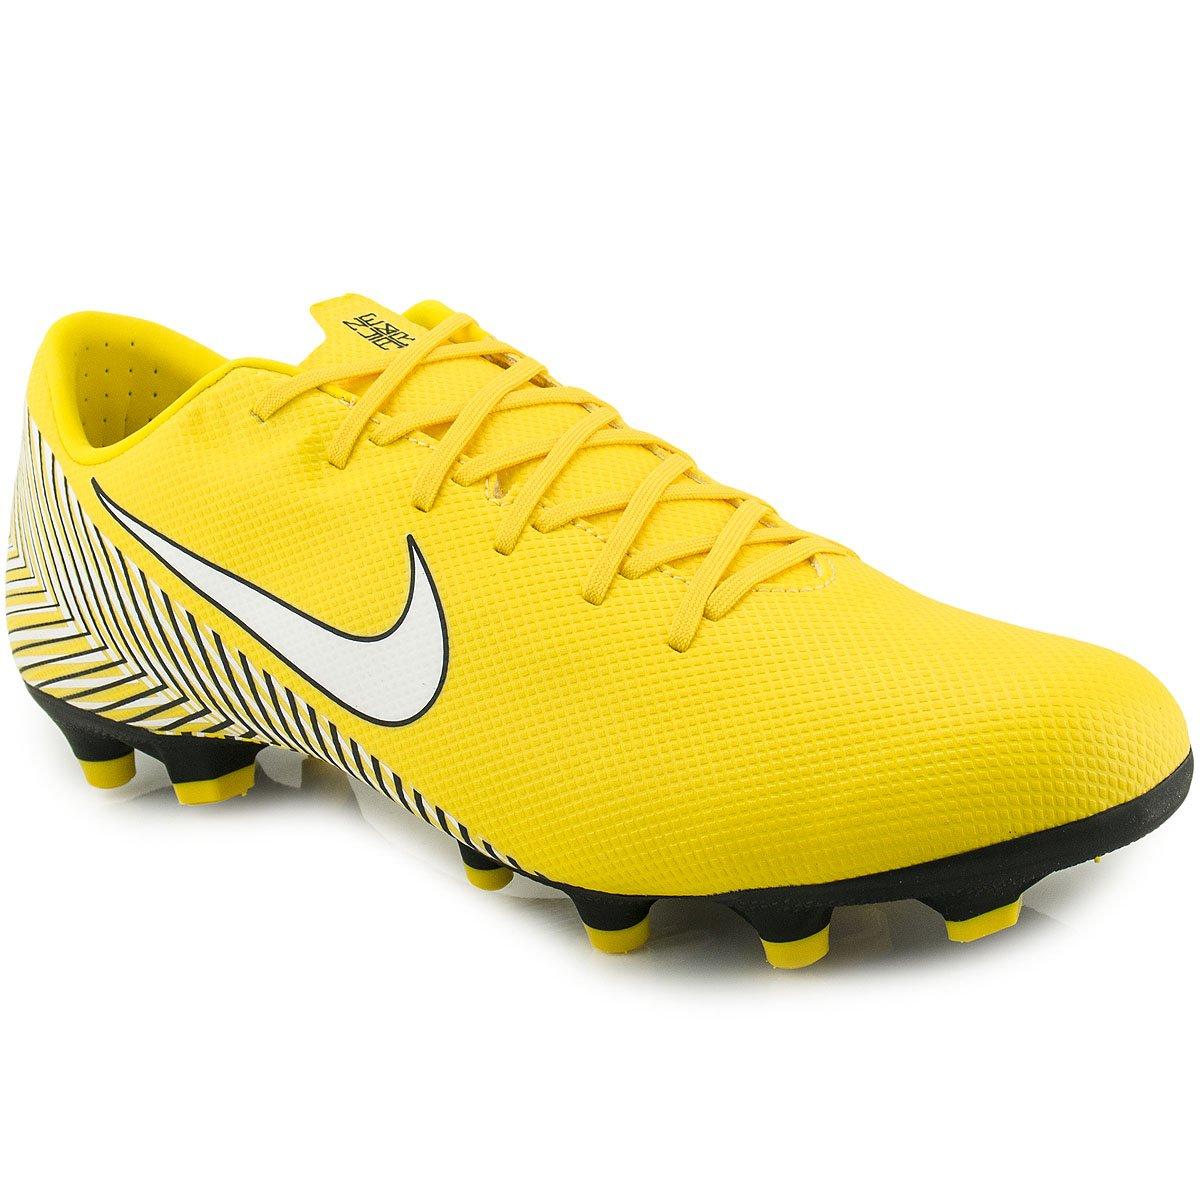 9e6e22e190 Chuteira Nike Mercurial Vapor XII Academy Neymar Jr. MG